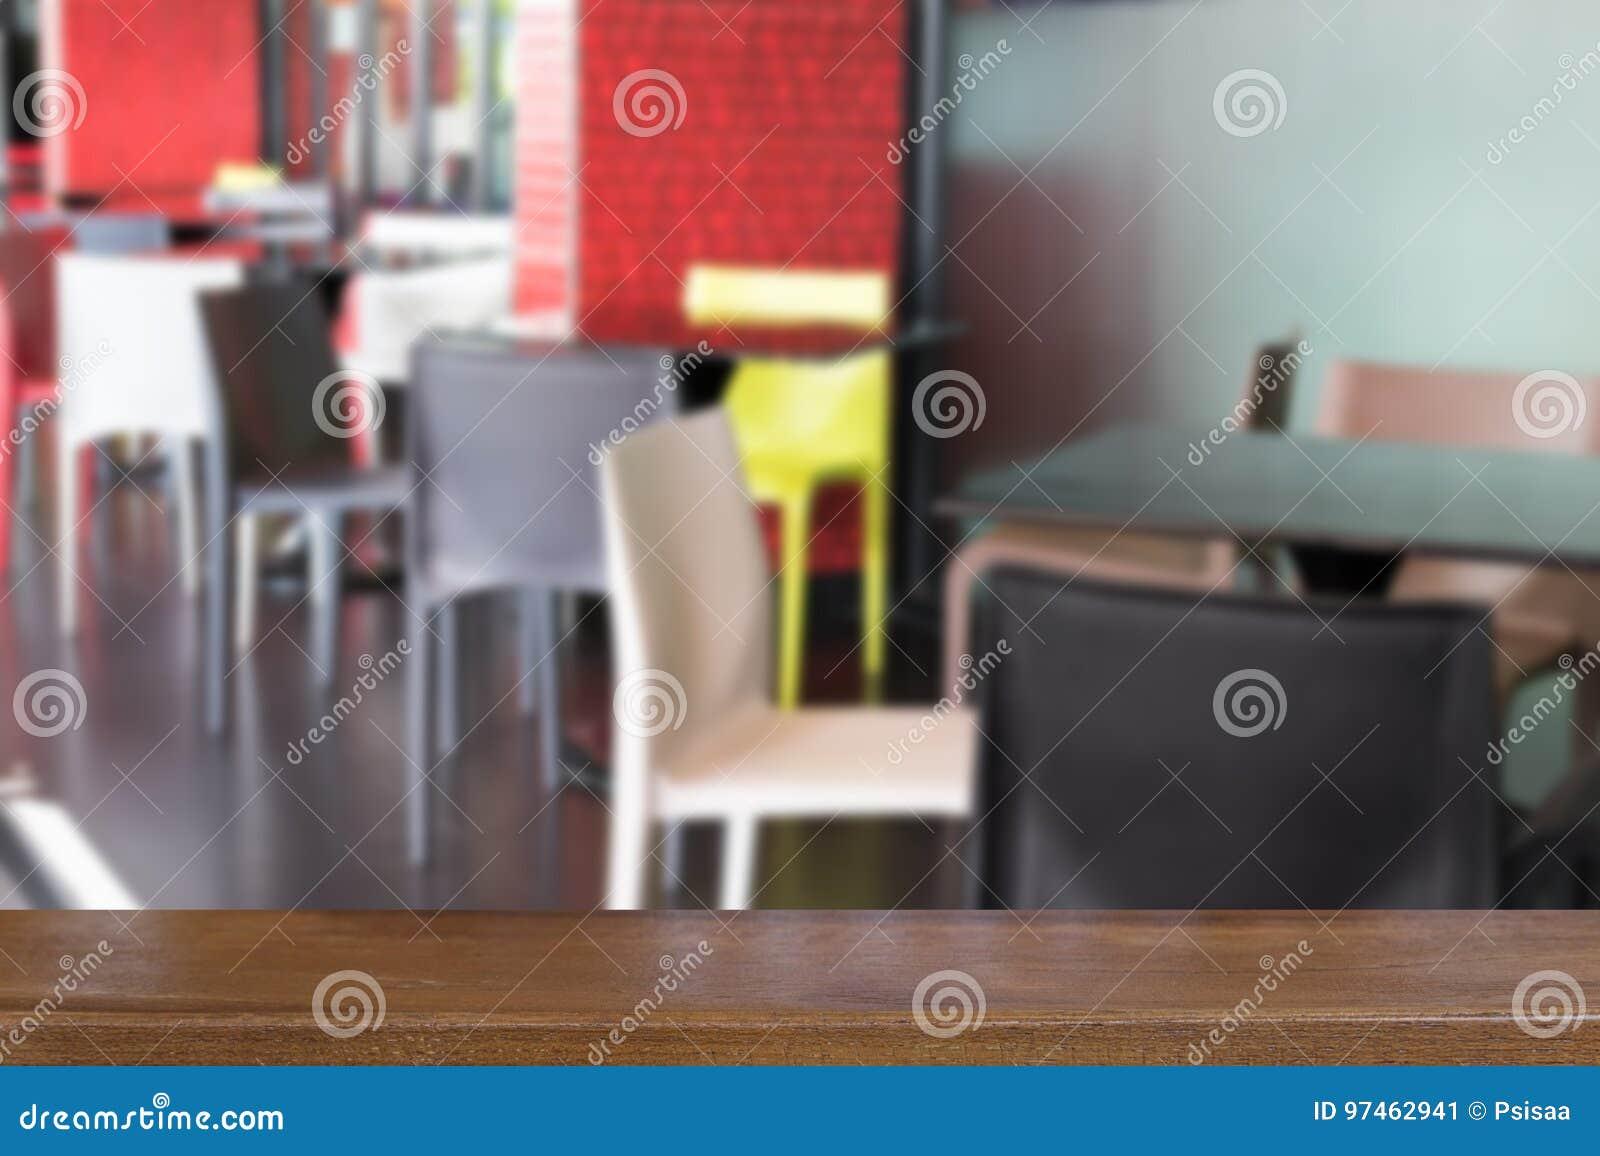 Bunte Plastiktabelle Und Stuhl In Der Cafeteria Restaurant Café